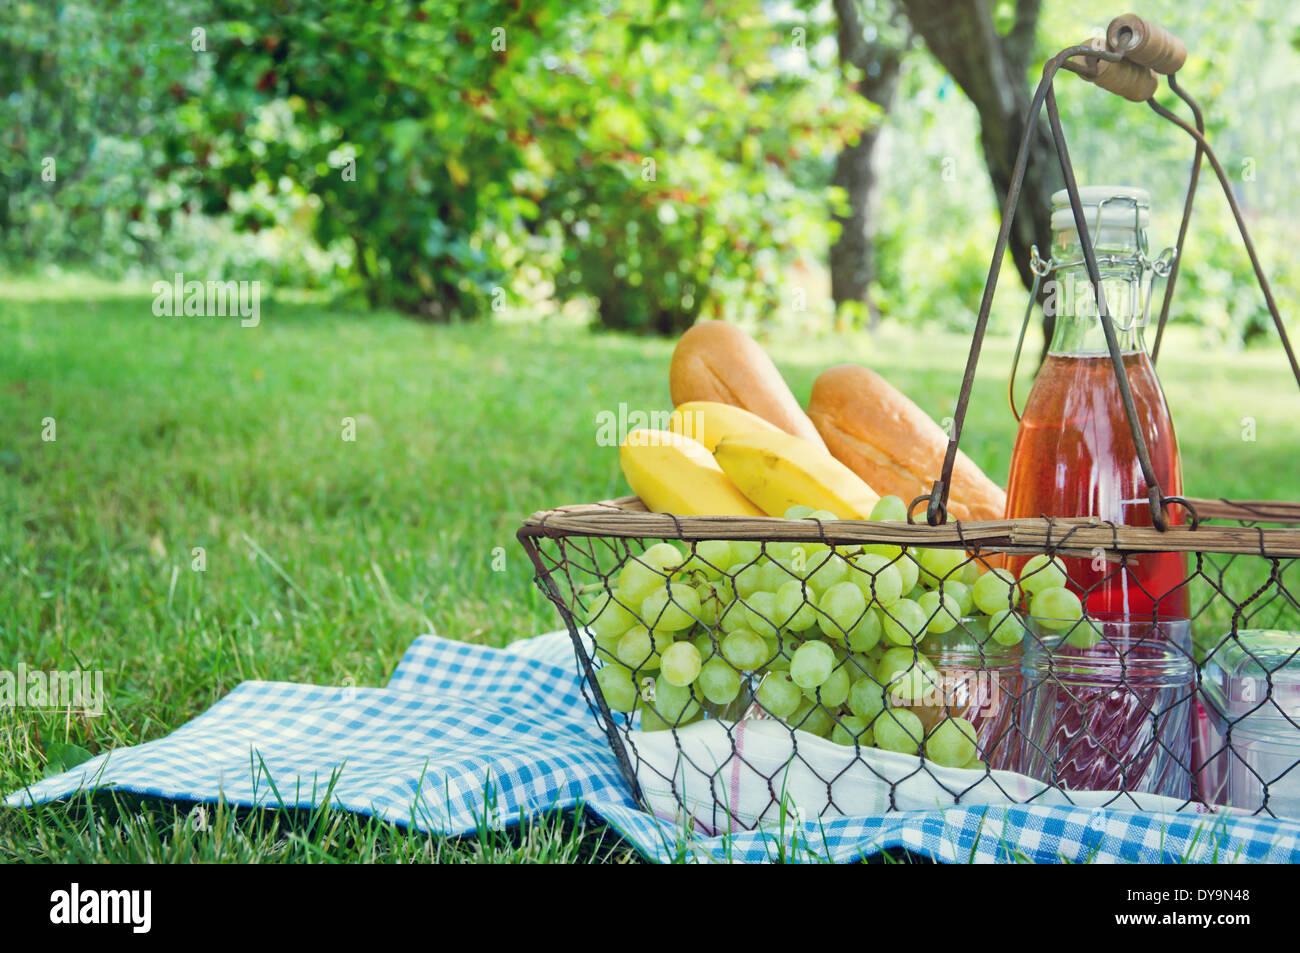 Vintage panier pique nique avec des fruits, du pain et du jus sur couverture bleue dans un jardin d'été vert Banque D'Images